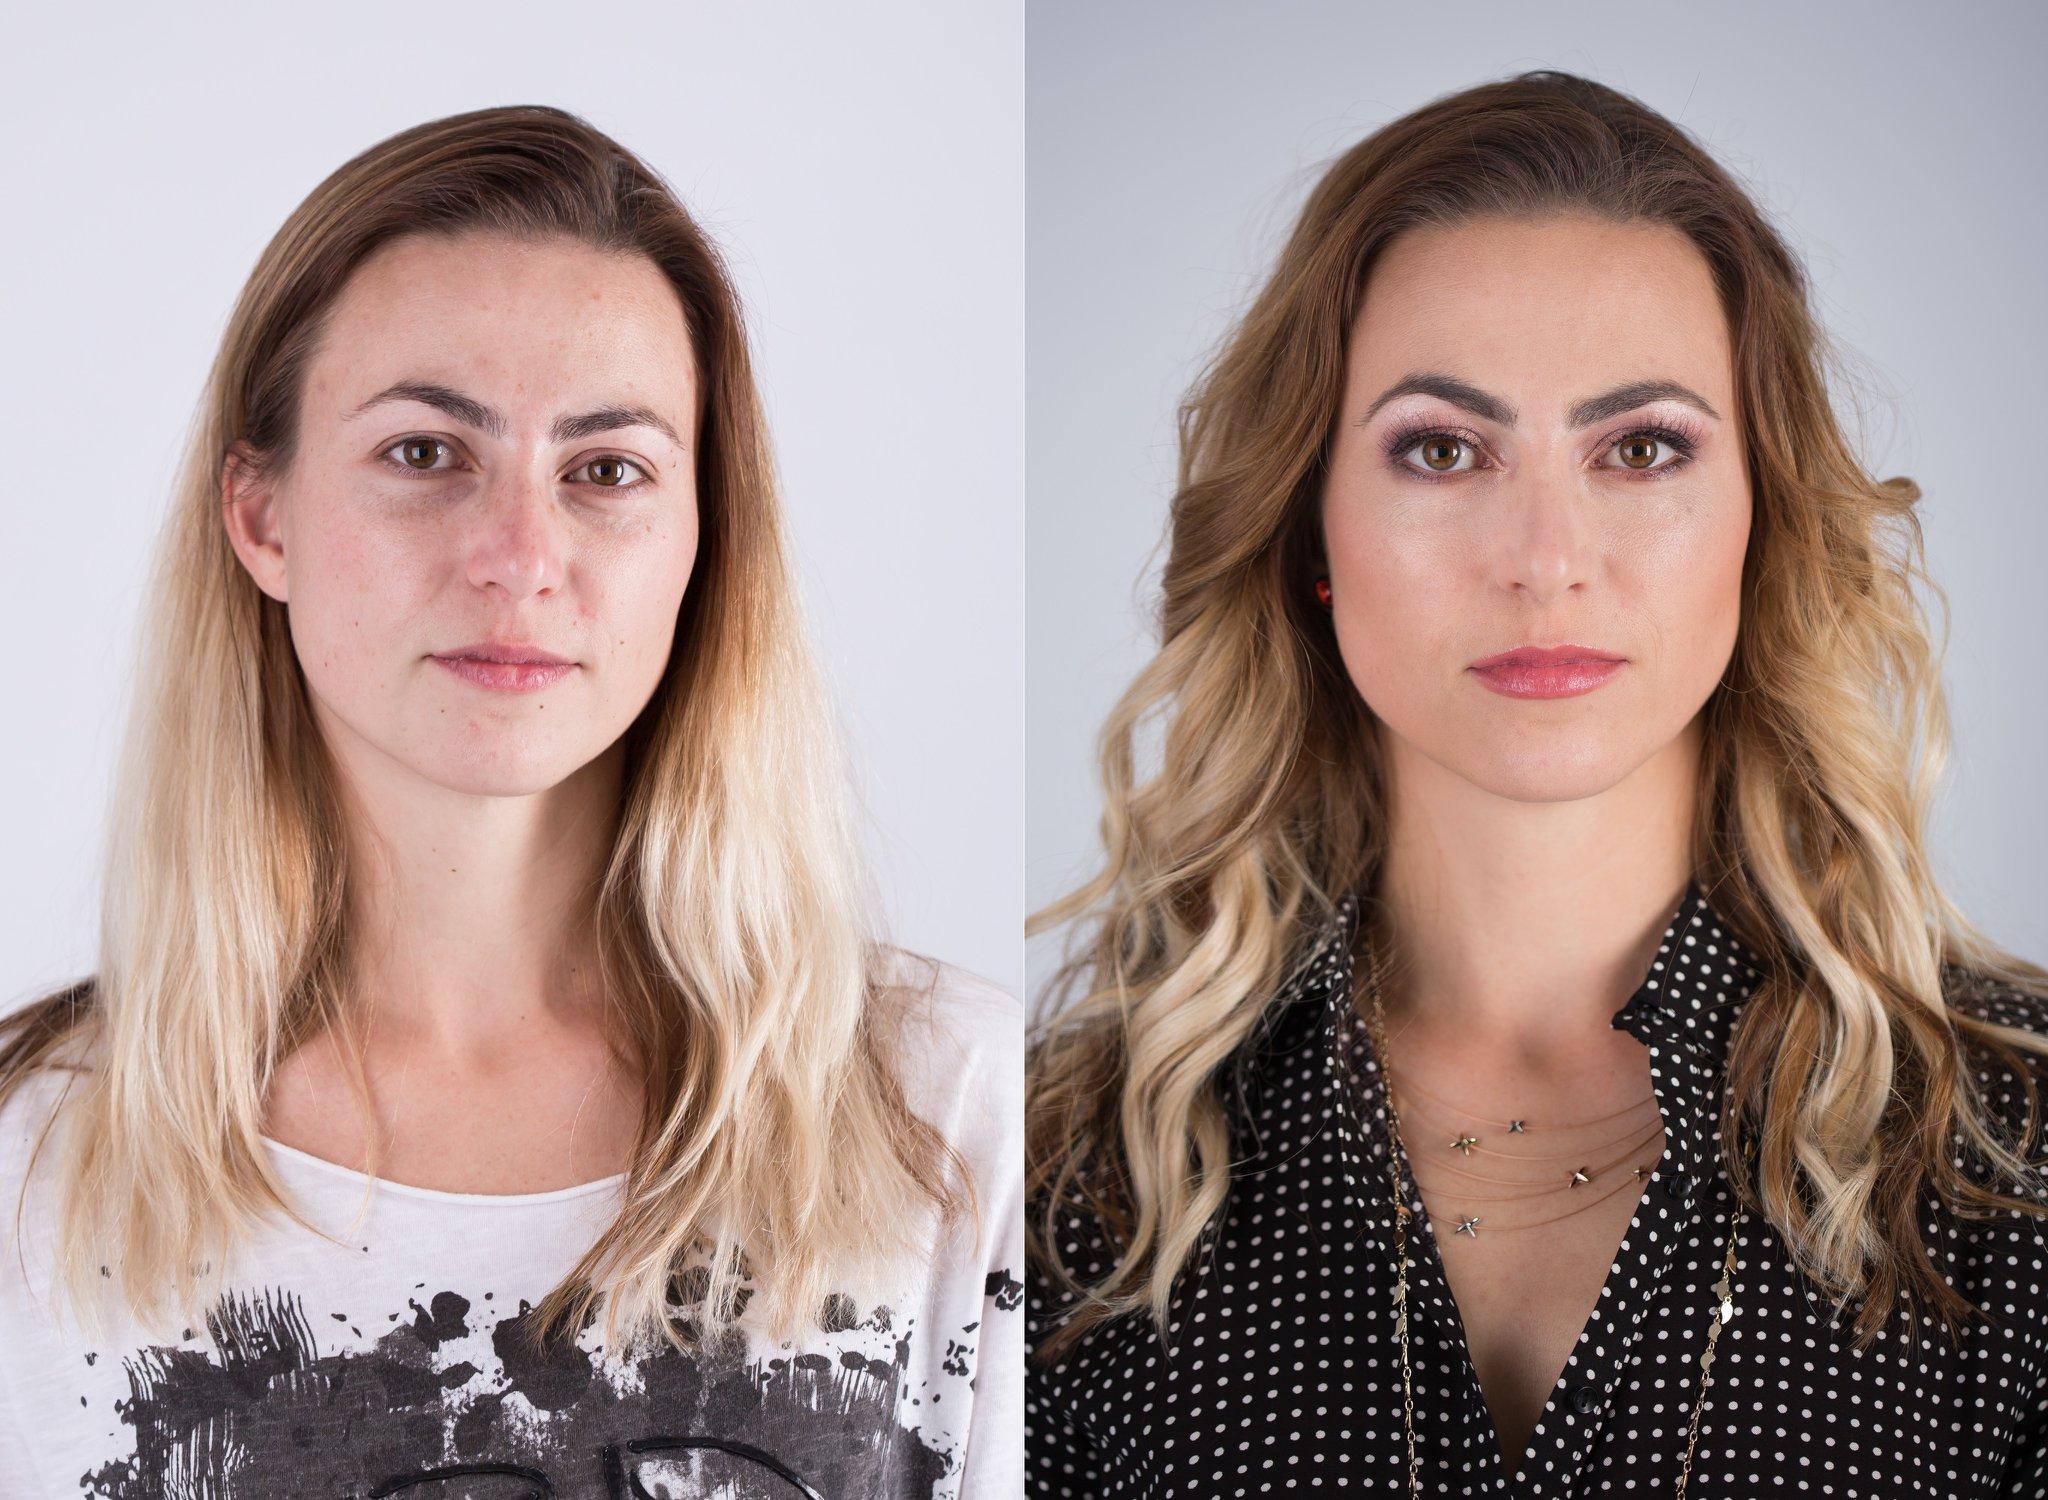 makeup Wrocław przy okazji sesji zdjęciowej. Metamorfoza młodej kobiety przygotowana do artystycznych zdjęć